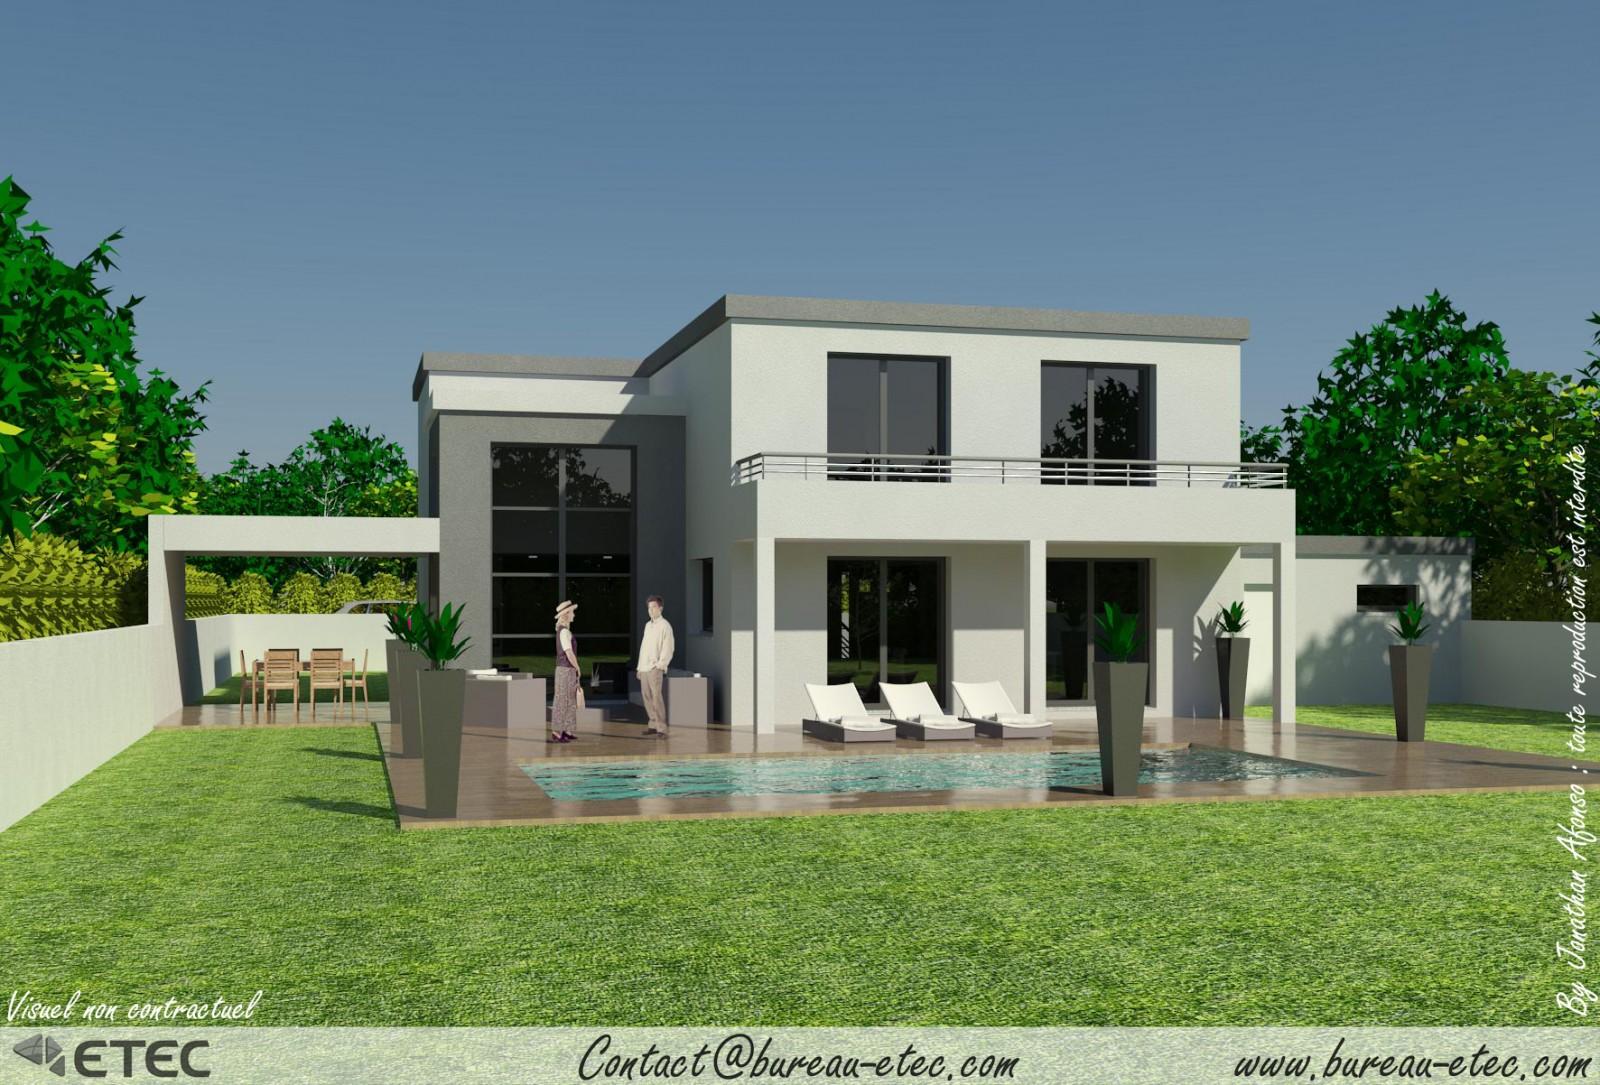 Modele maison contemporaine toit plat maison moderne for Modele maison toit plat